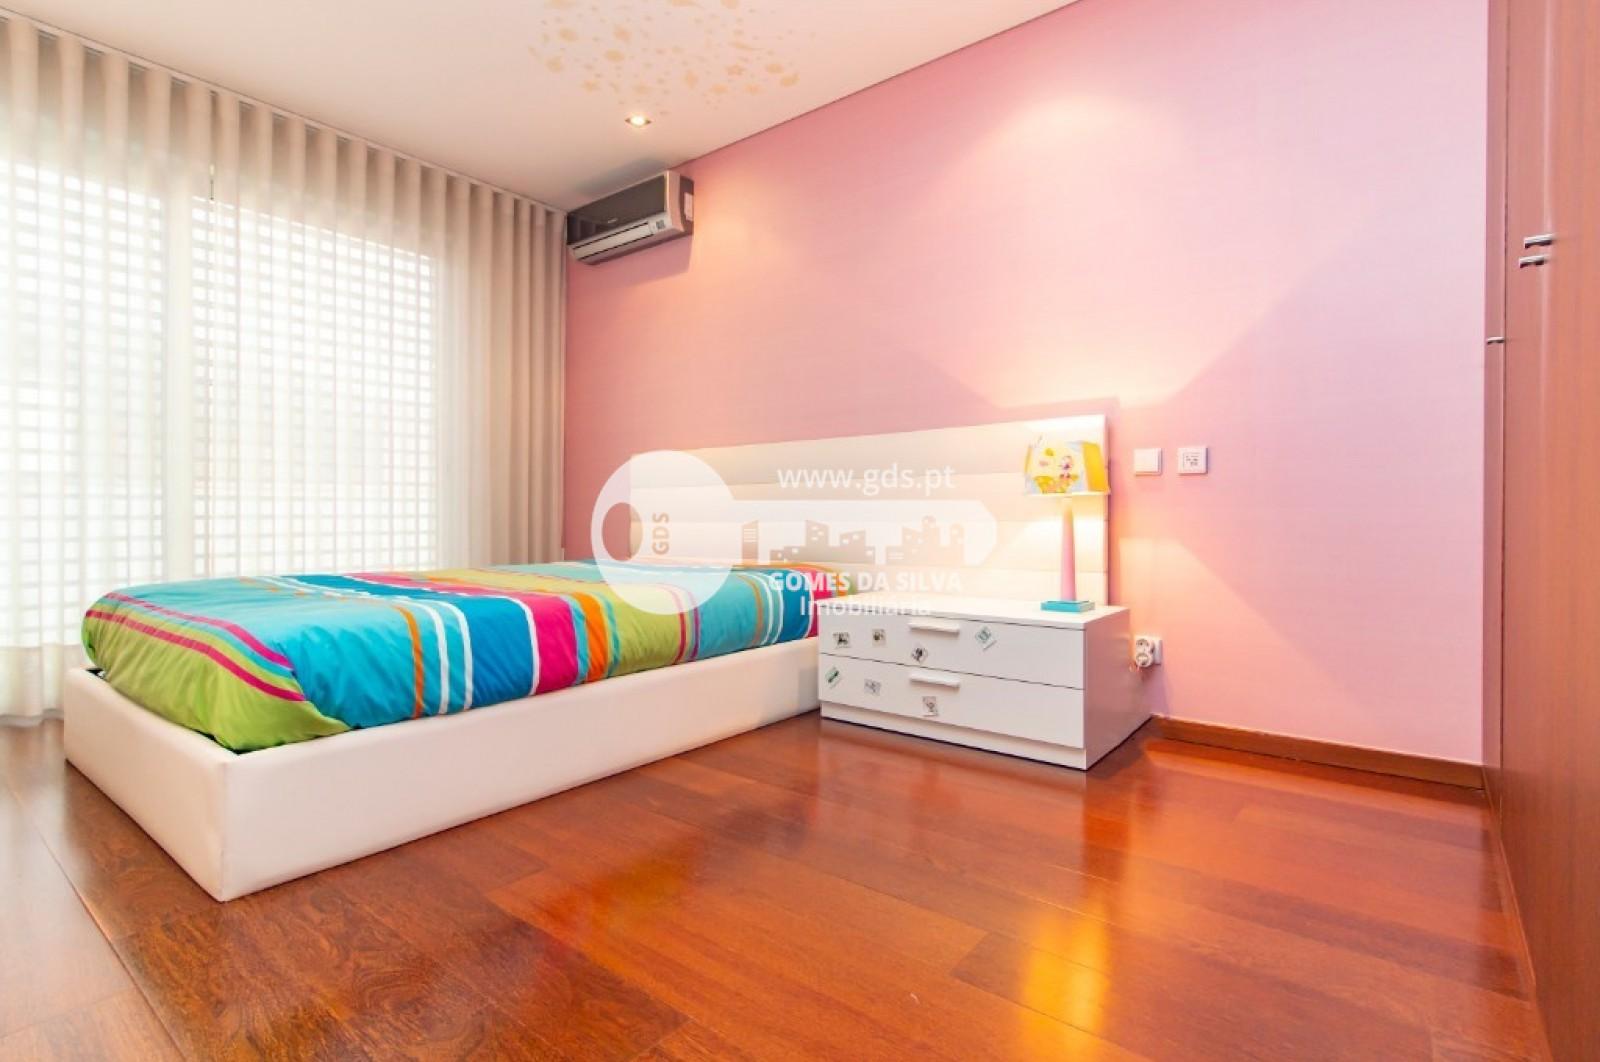 Apartamento T3 para Venda em Nogueira, Fraião e Lamaçães, Braga, Braga - Imagem 50